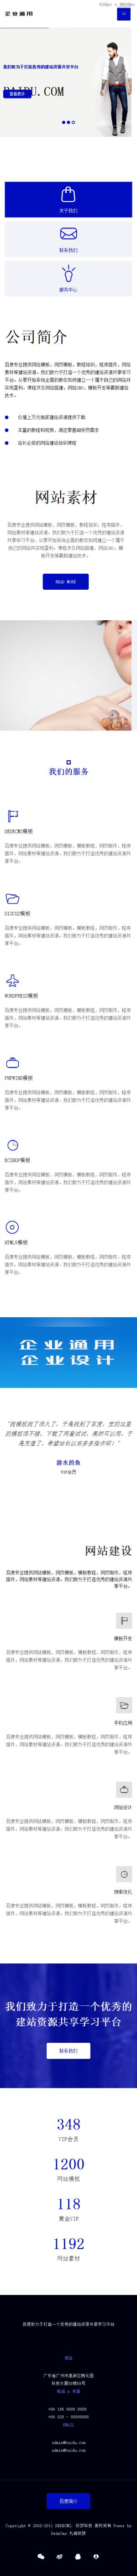 高端简洁响应式电子商务网站织梦dedecms模板(自适应手机端)手机端演示